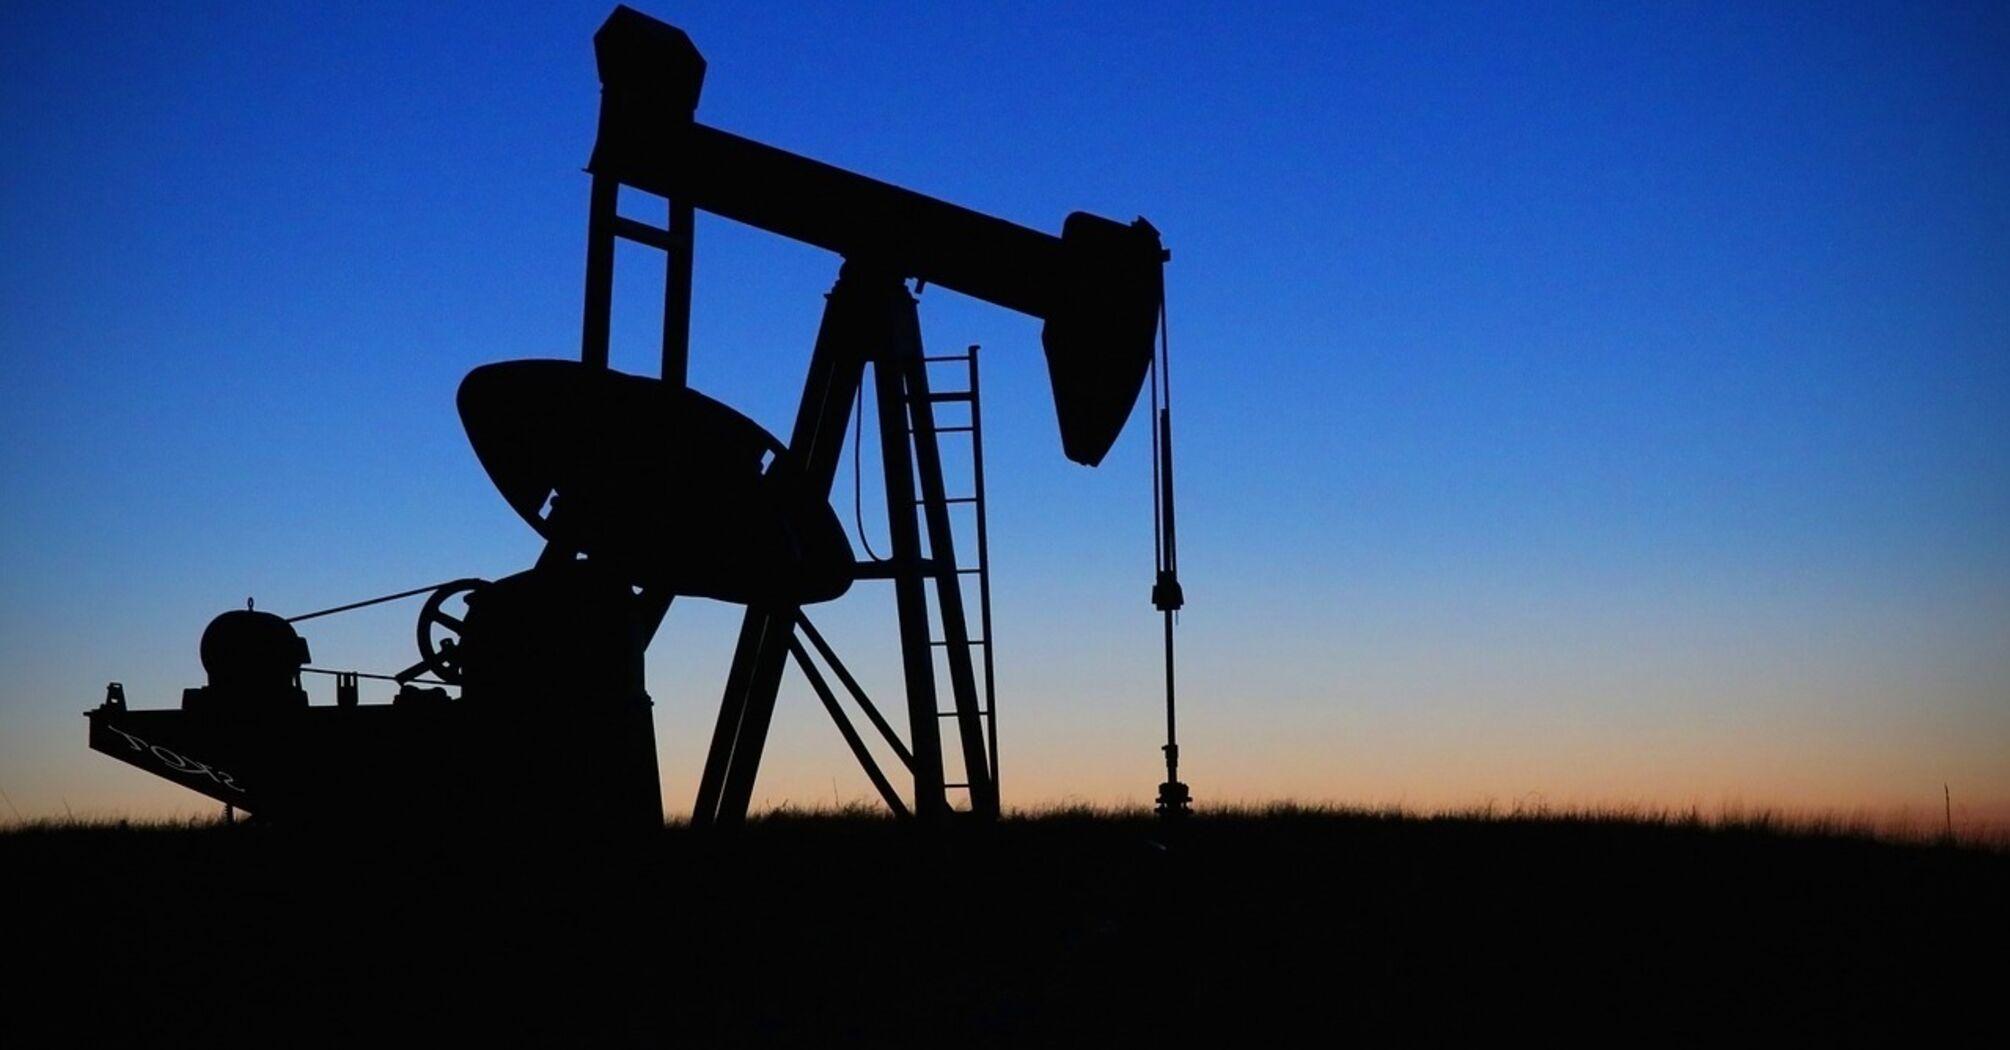 Цены на нефть резко выросли: бензин в Украине может подорожать и даже исчезнуть из АЗС